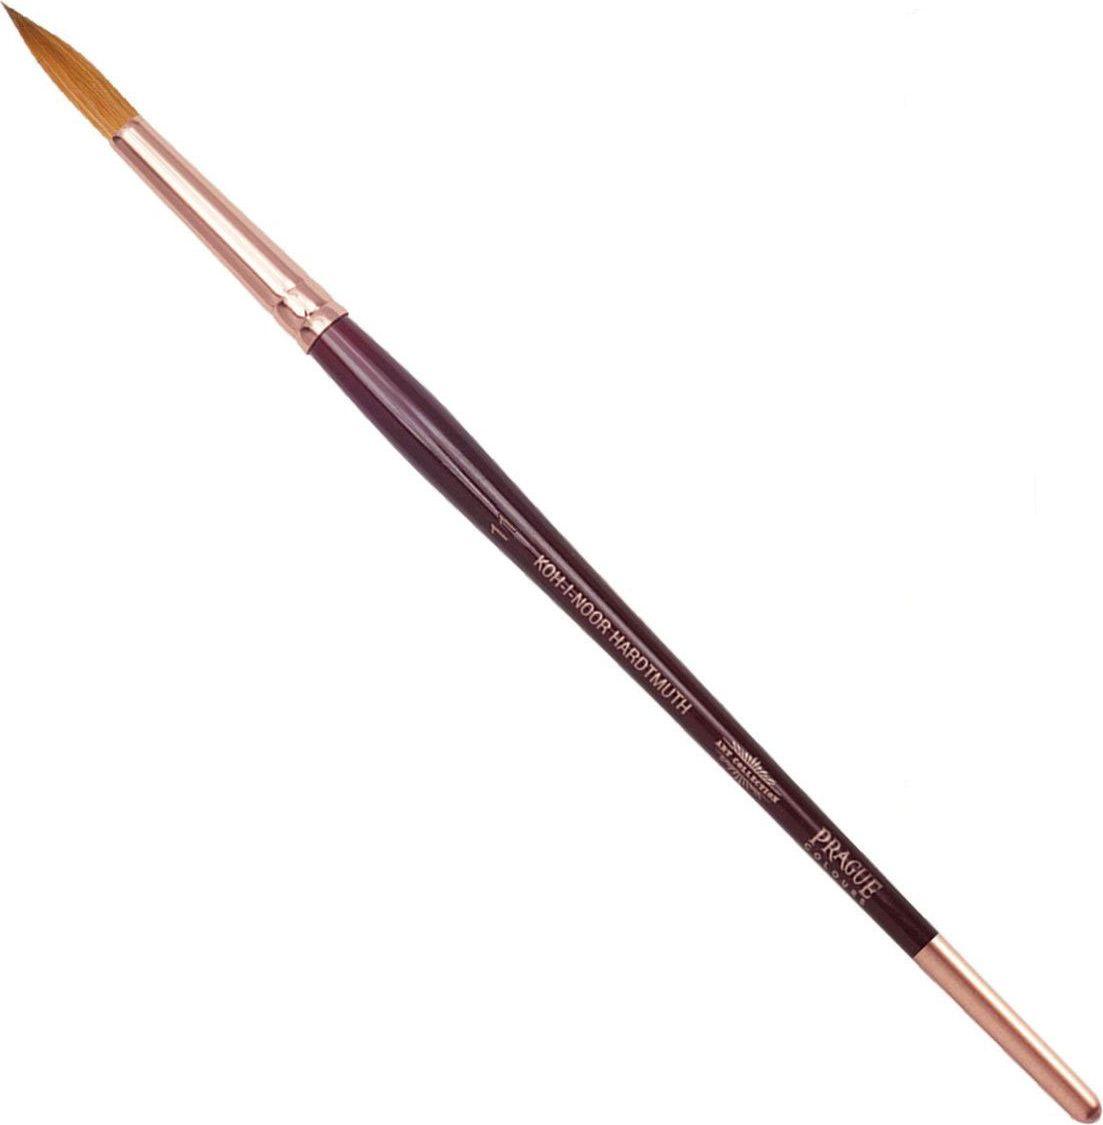 Koh-I-Noor Кисть колонок круглая №11 короткая ручкаAB00109Высококачественная кисть Koh-i-Noor выполнена из натурального волоса колонка. Волос прекрасно сохраняет форму, не ломается, впитывает влагу и хорошо моется под проточной струей воды. Подходит для акварели и индийских красок.